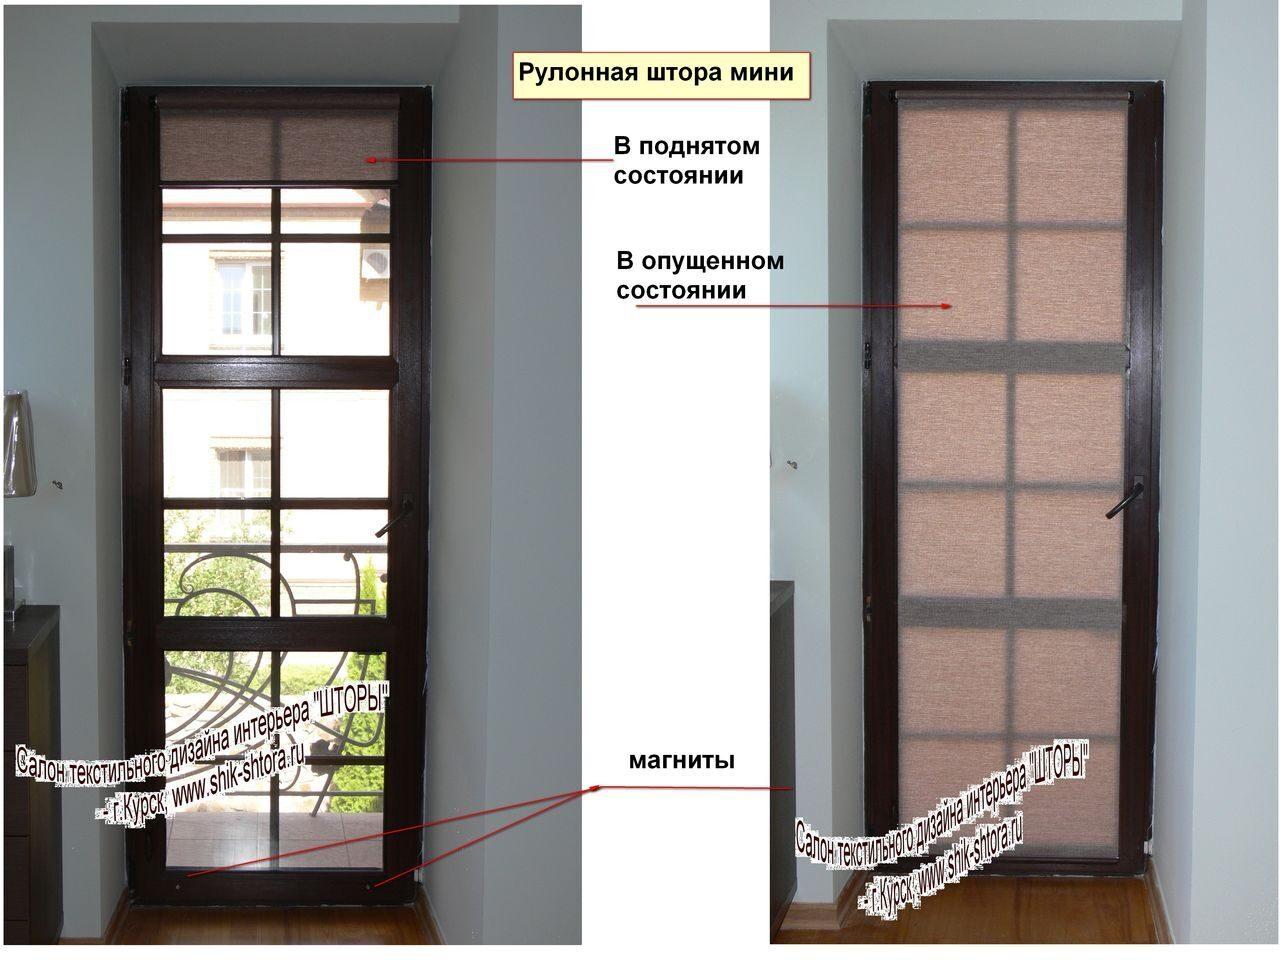 Рулонная штора мини на балконной двери. подъёмные шторы.